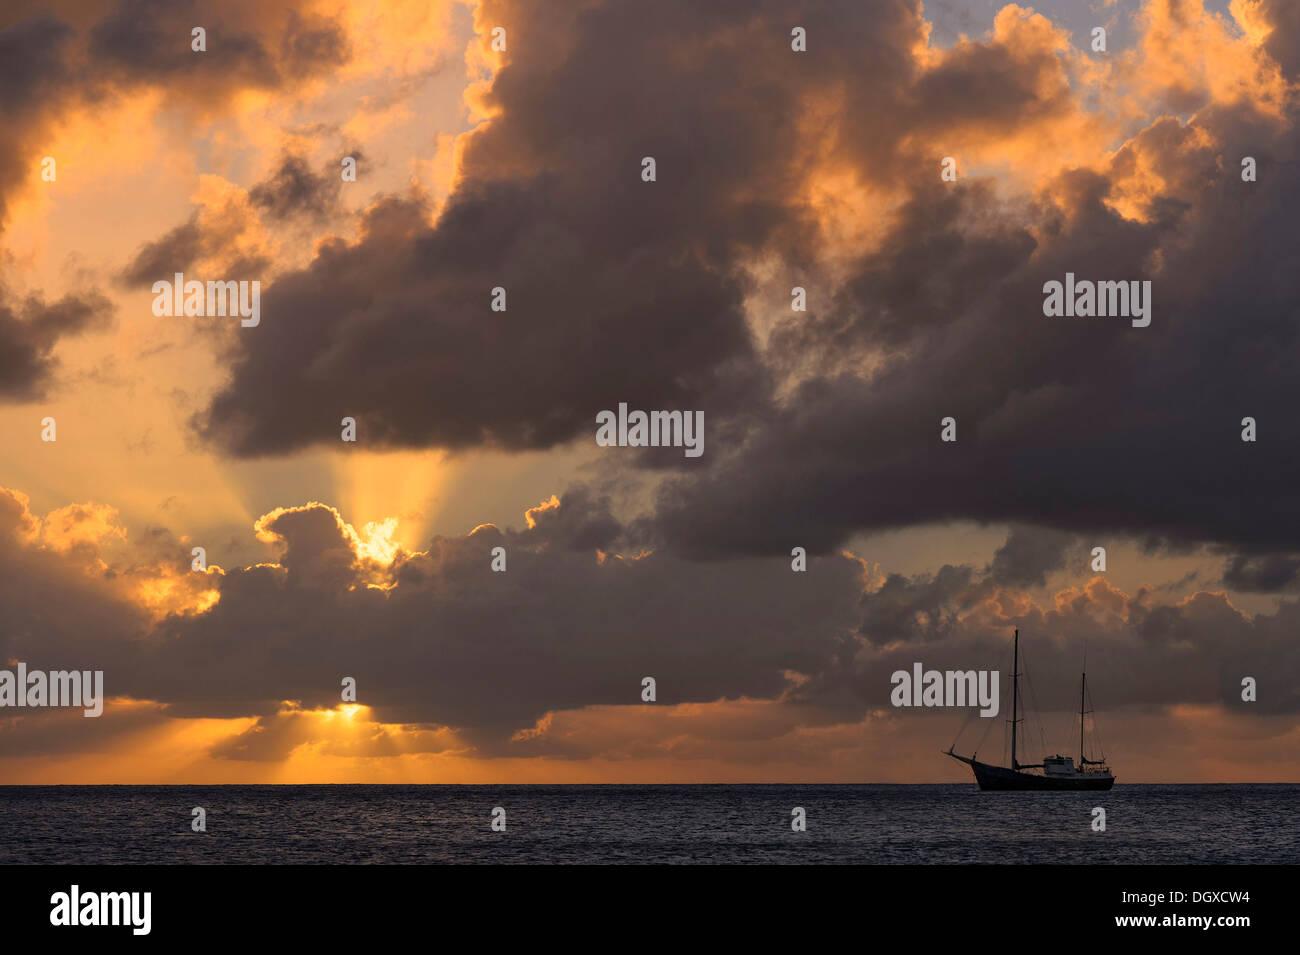 Segelboot bei Sonnenuntergang, Grenadinen, Karibik, Saint Lucia Stockbild